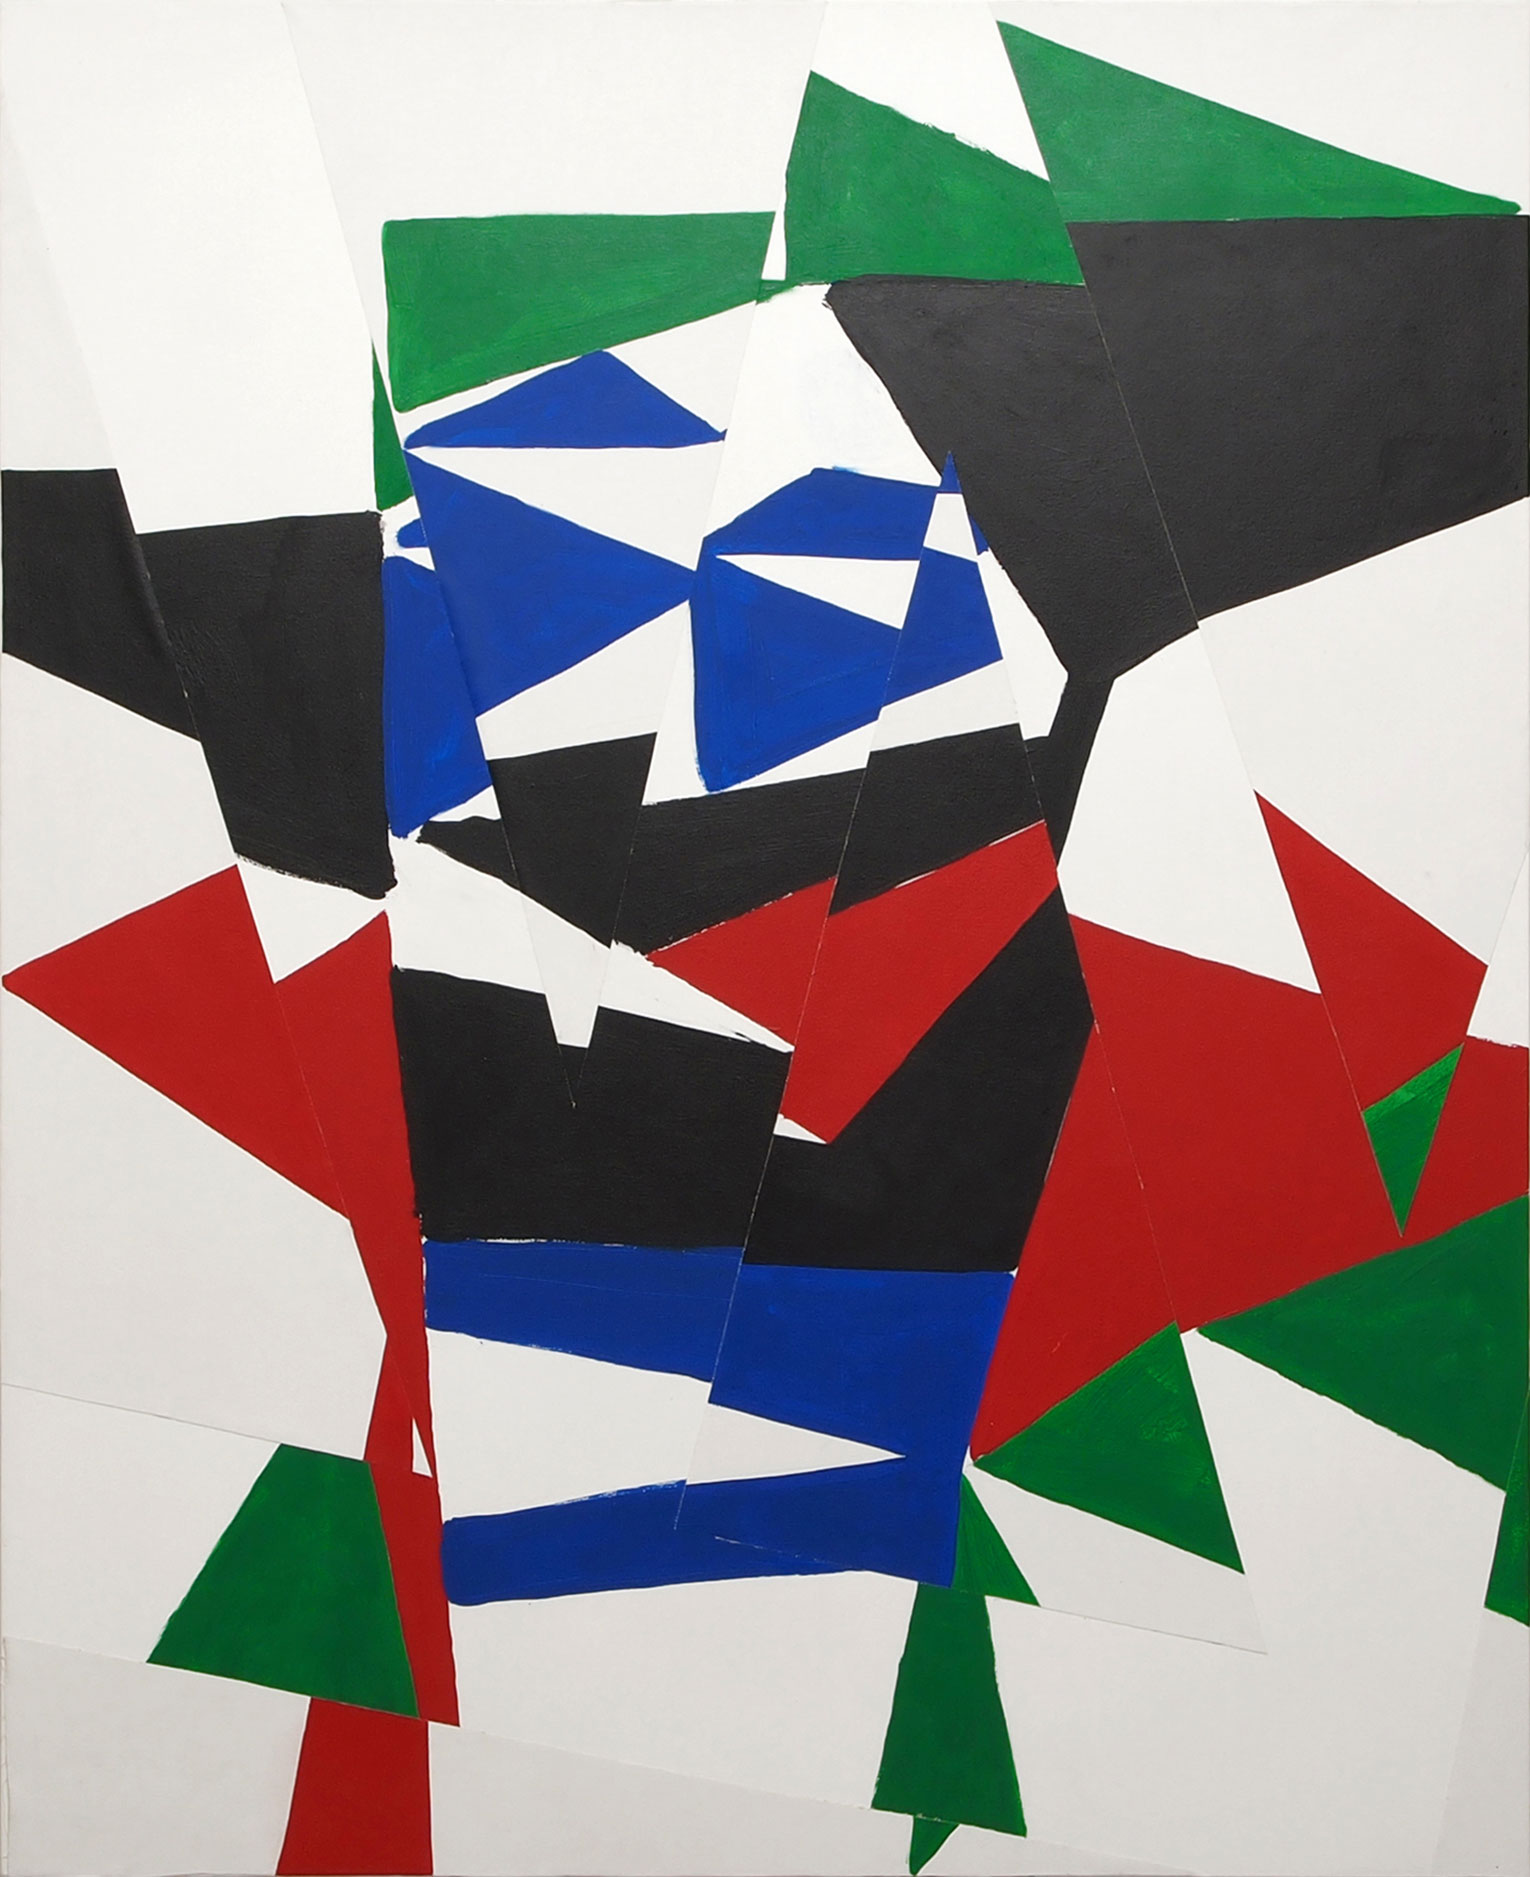 <b>Title:</b>The Gardener (VG1)<br /><b>Year:</b>2015<br /><b>Medium:</b>Acrylic on canvas<br /><b>Size:</b>160 x 130 cm